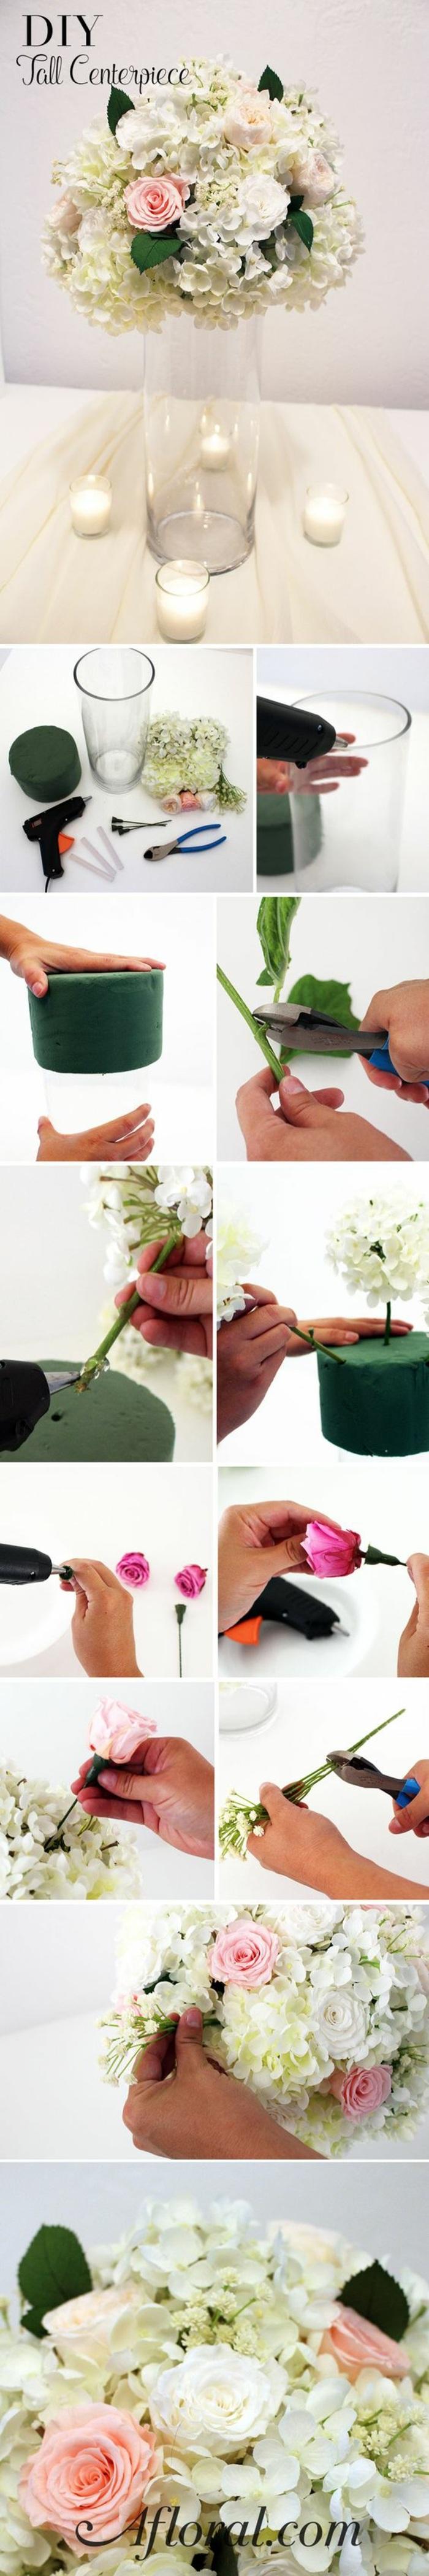 1001 ideen wie sie eine elegante tischdeko selber machen. Black Bedroom Furniture Sets. Home Design Ideas